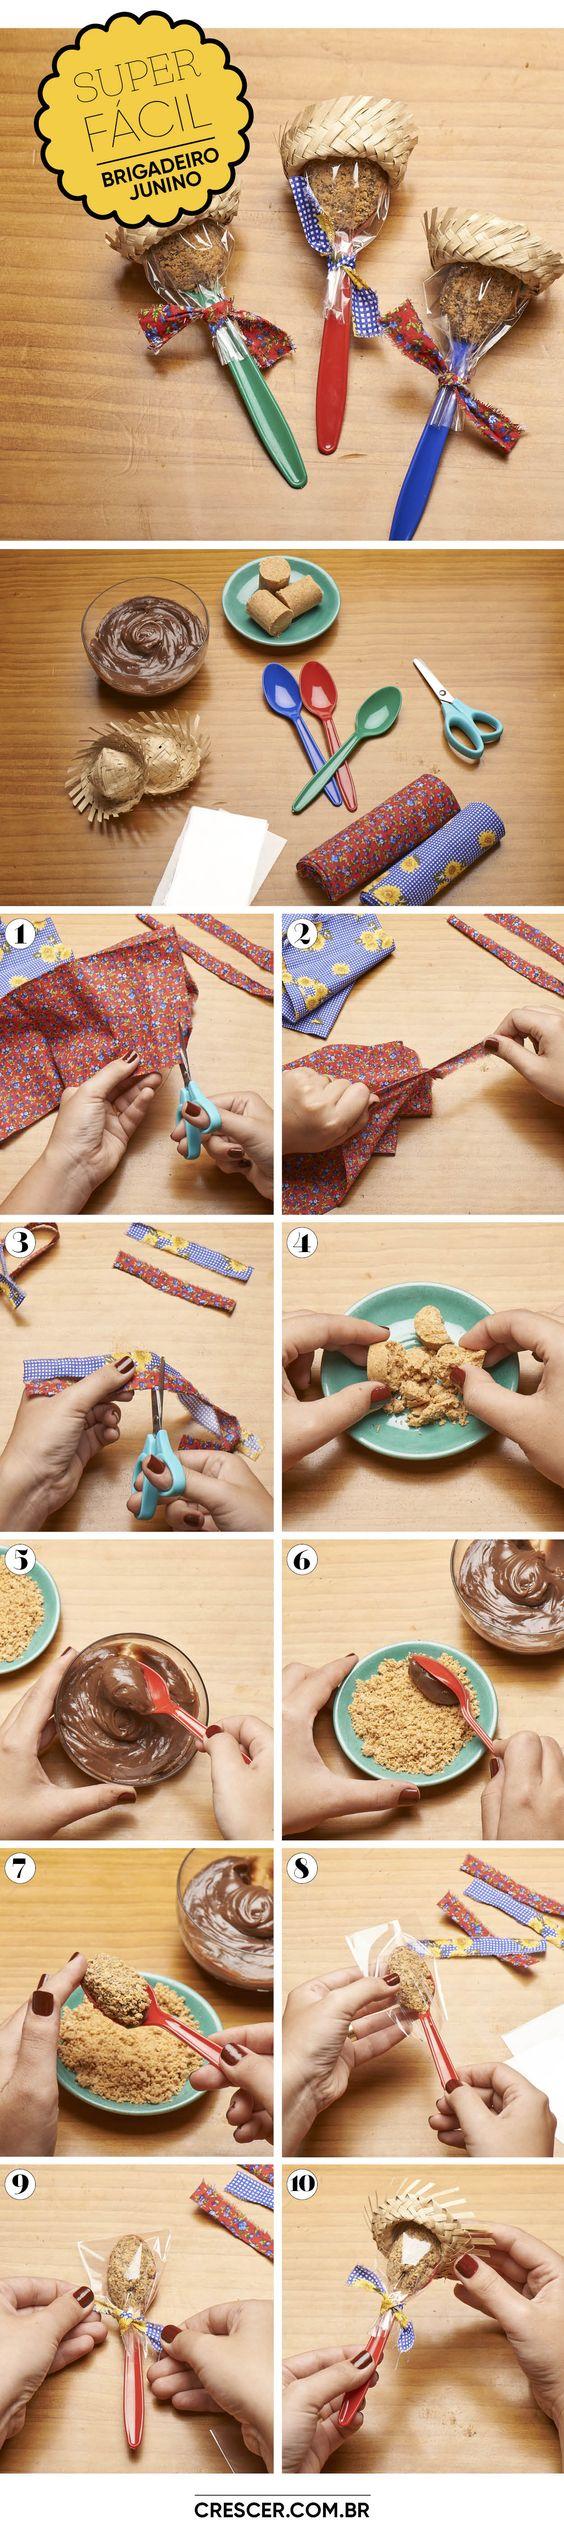 ideias receita doces na colher 9